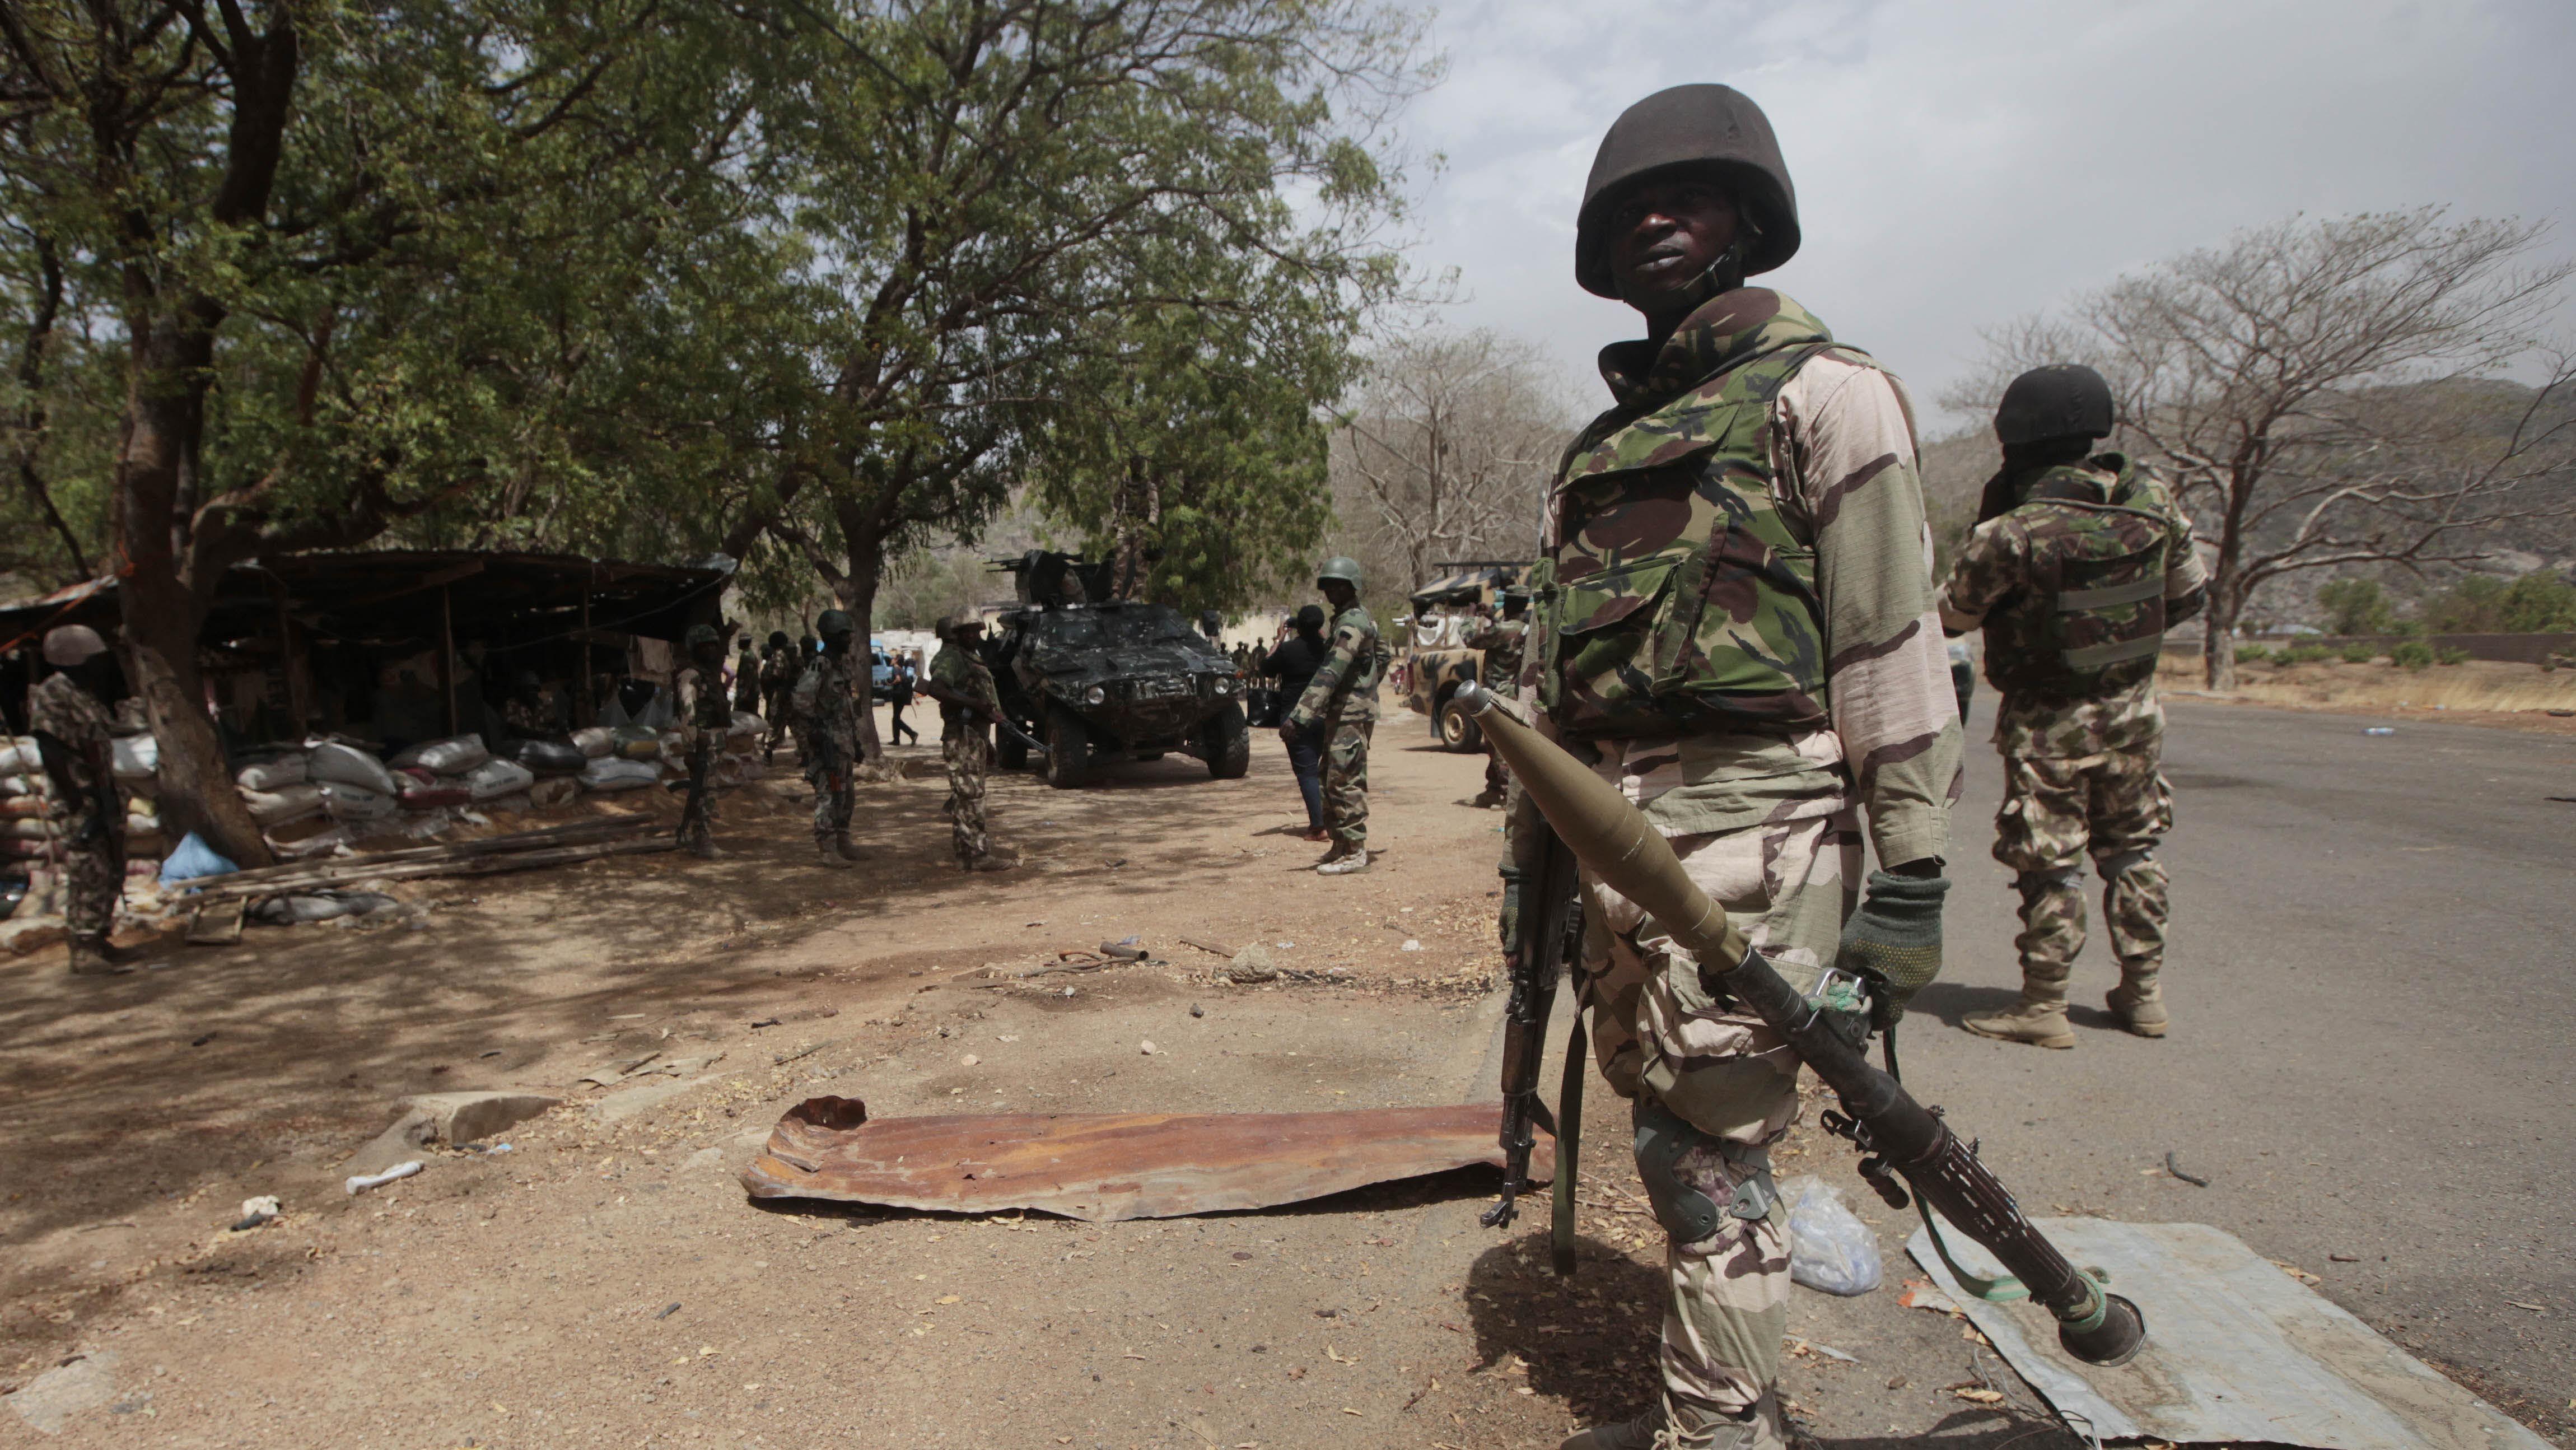 At least 60 dead in Boko Haram attack report Boko haram